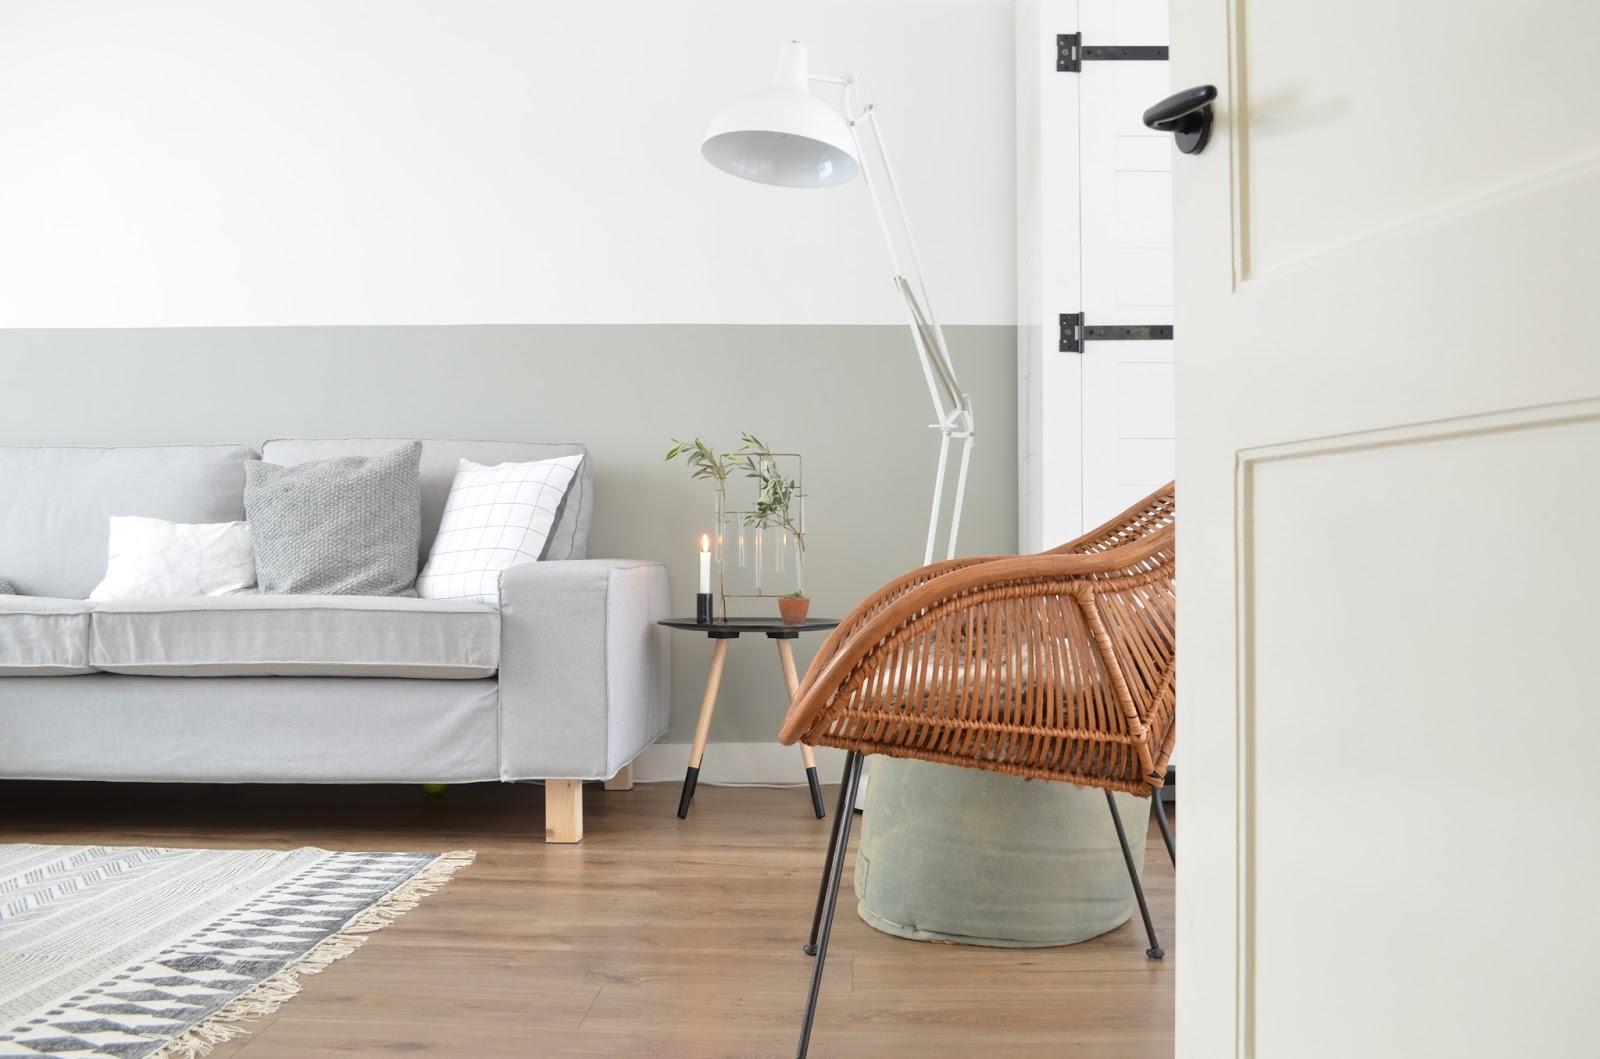 Casa design idee libro - Deco woonkamer aan de muur wit ...